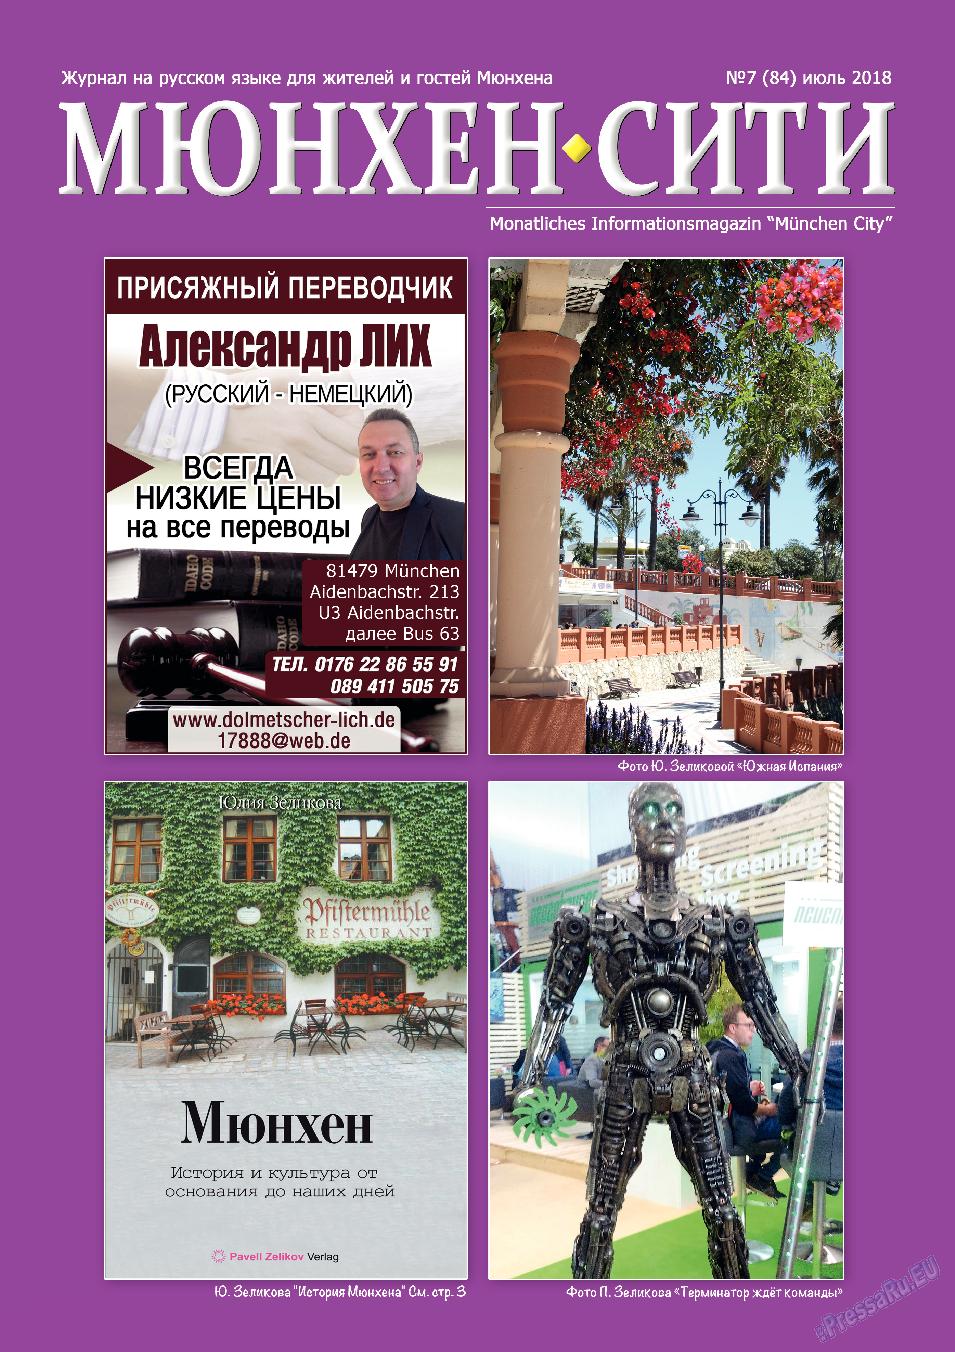 Мюнхен-сити (журнал). 2018 год, номер 7, стр. 1